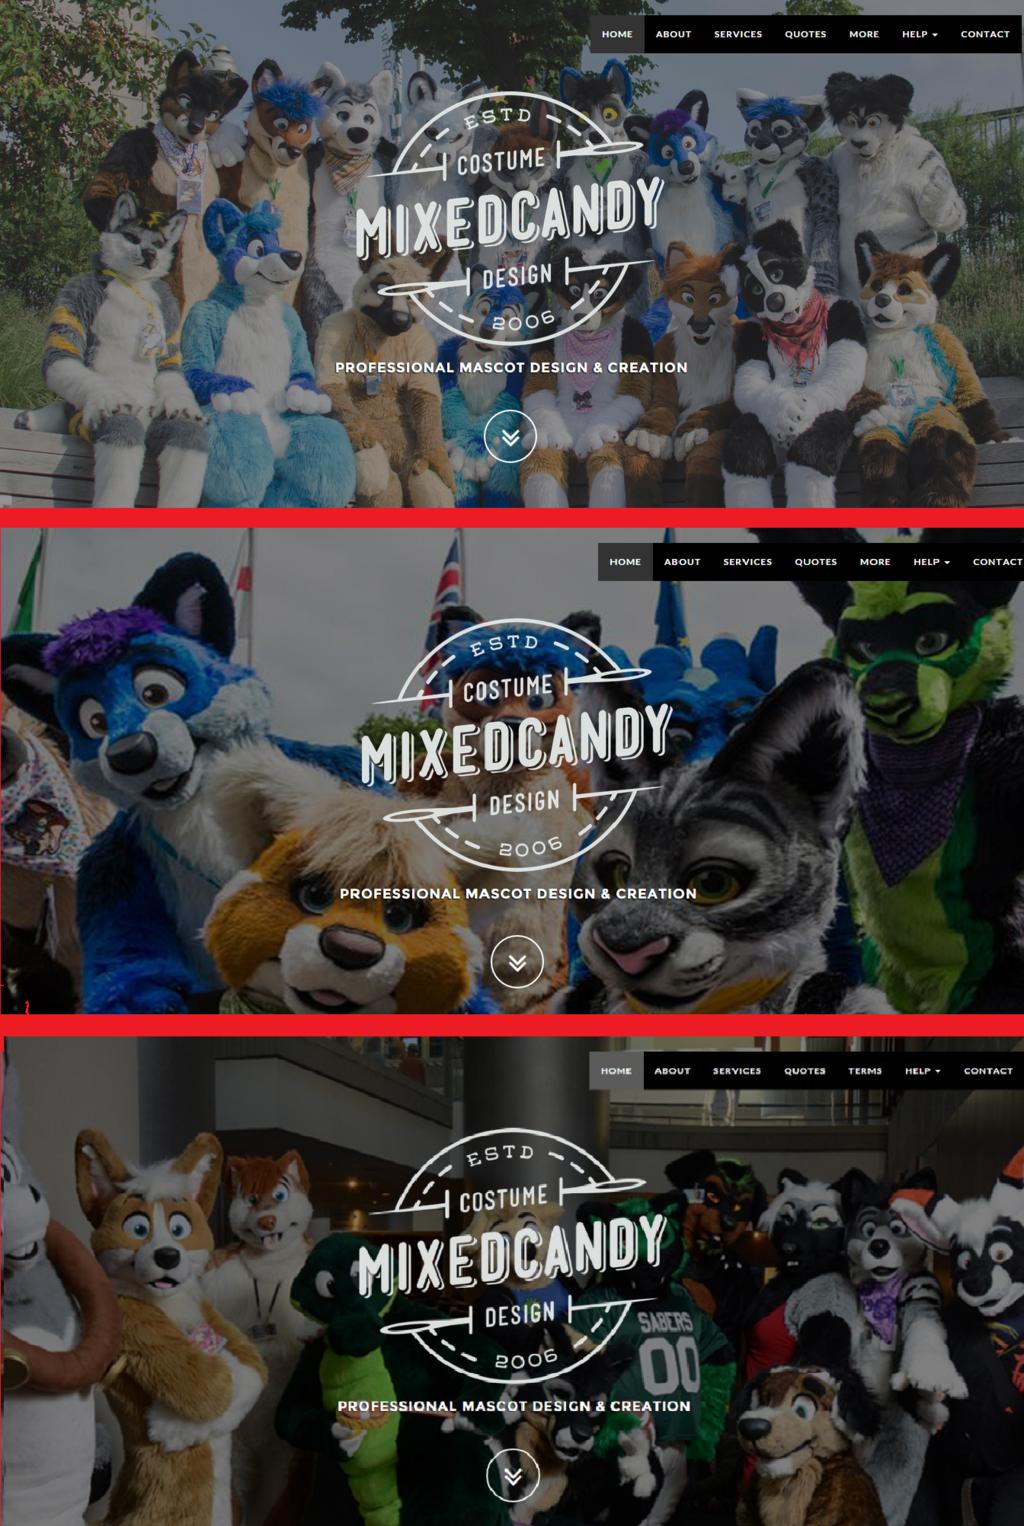 Mixedcandy Website - Dynamic Background